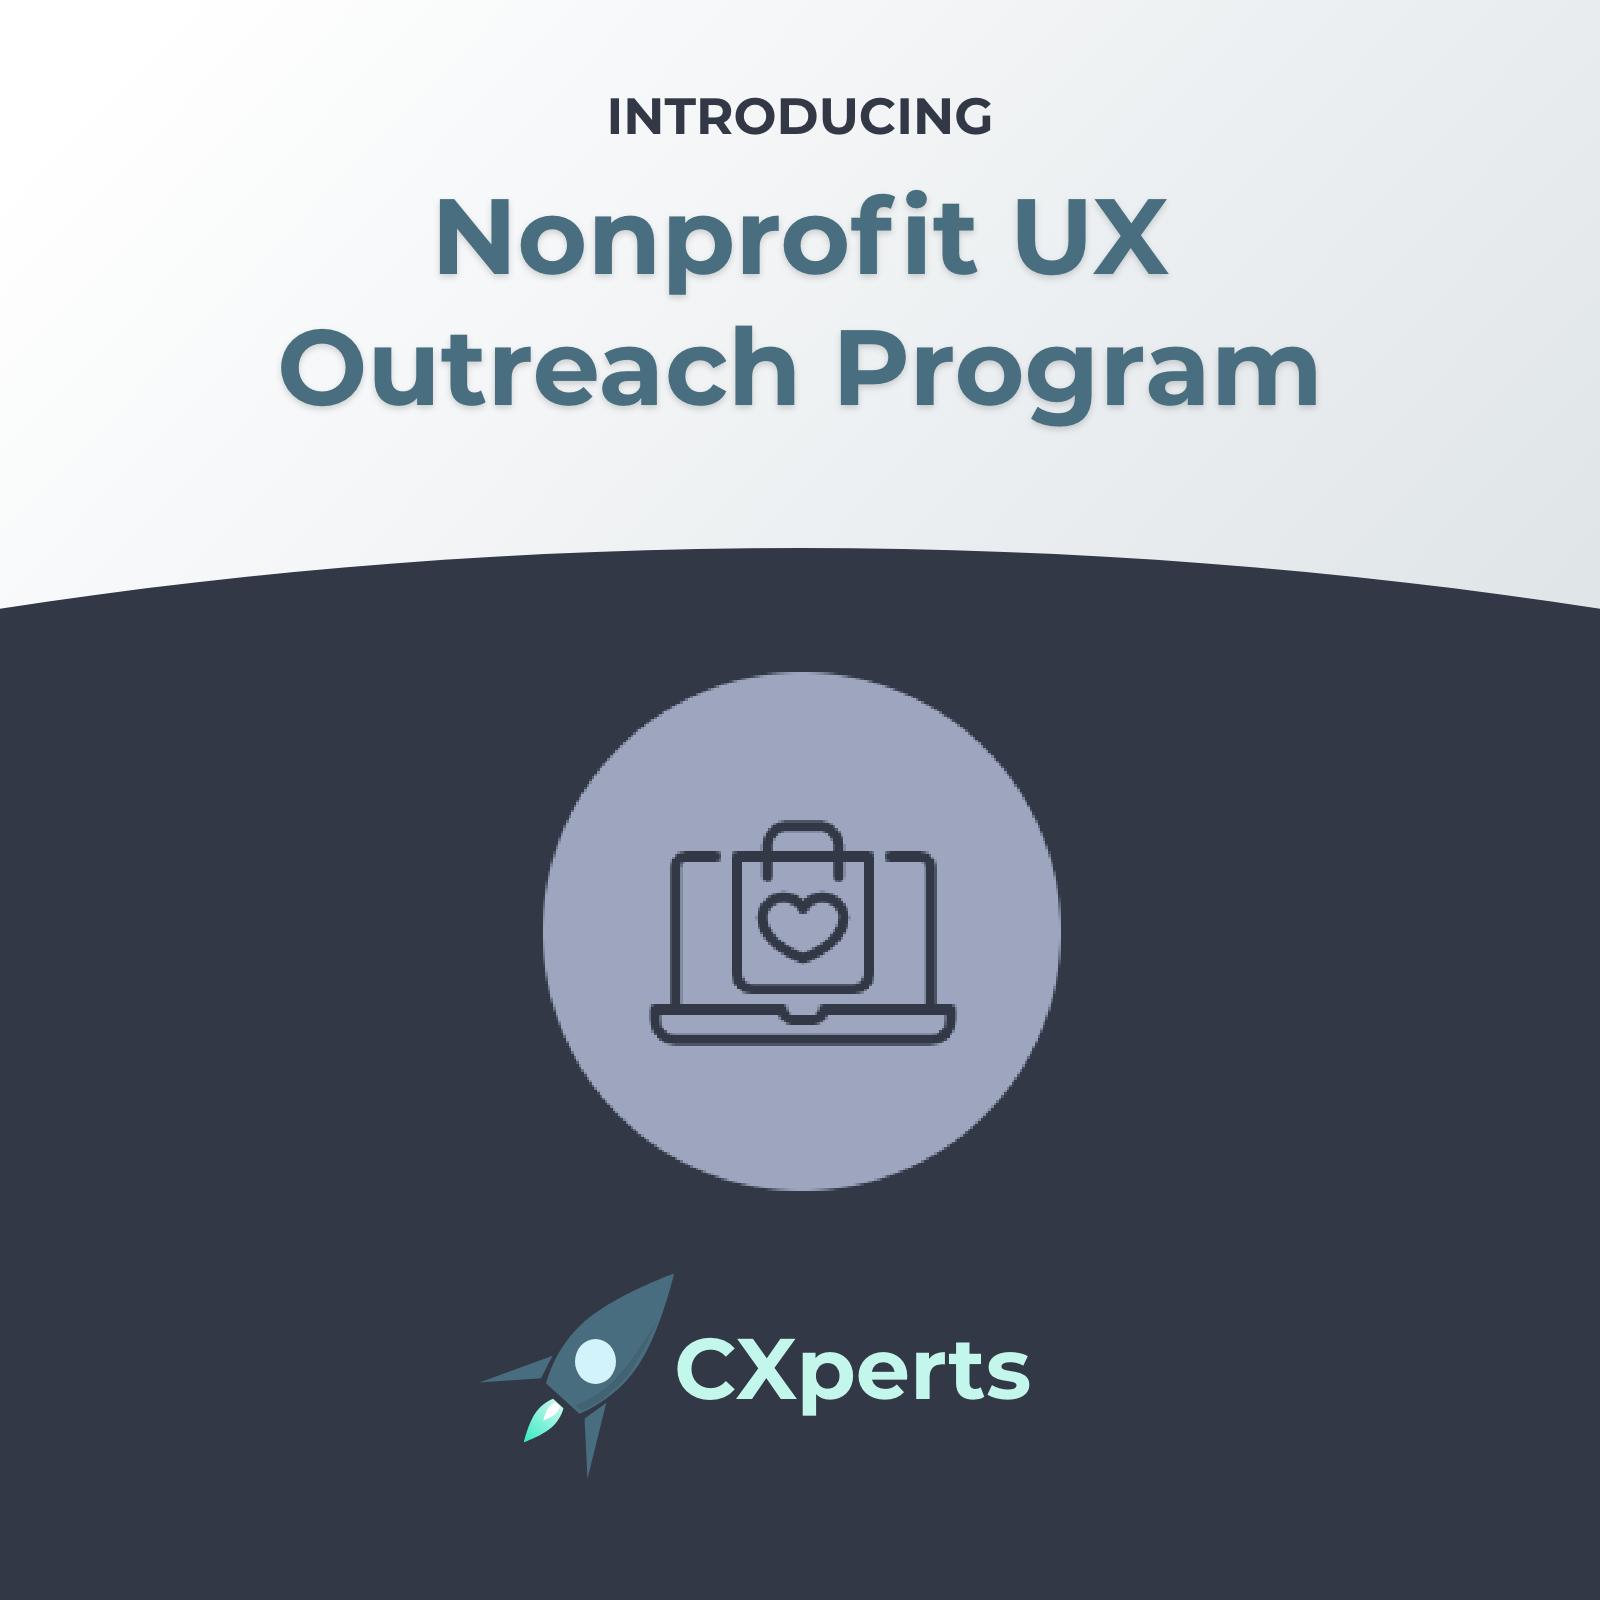 UX Optimization + Digital Roadmap for Nonprofits, NPOs | CXperts